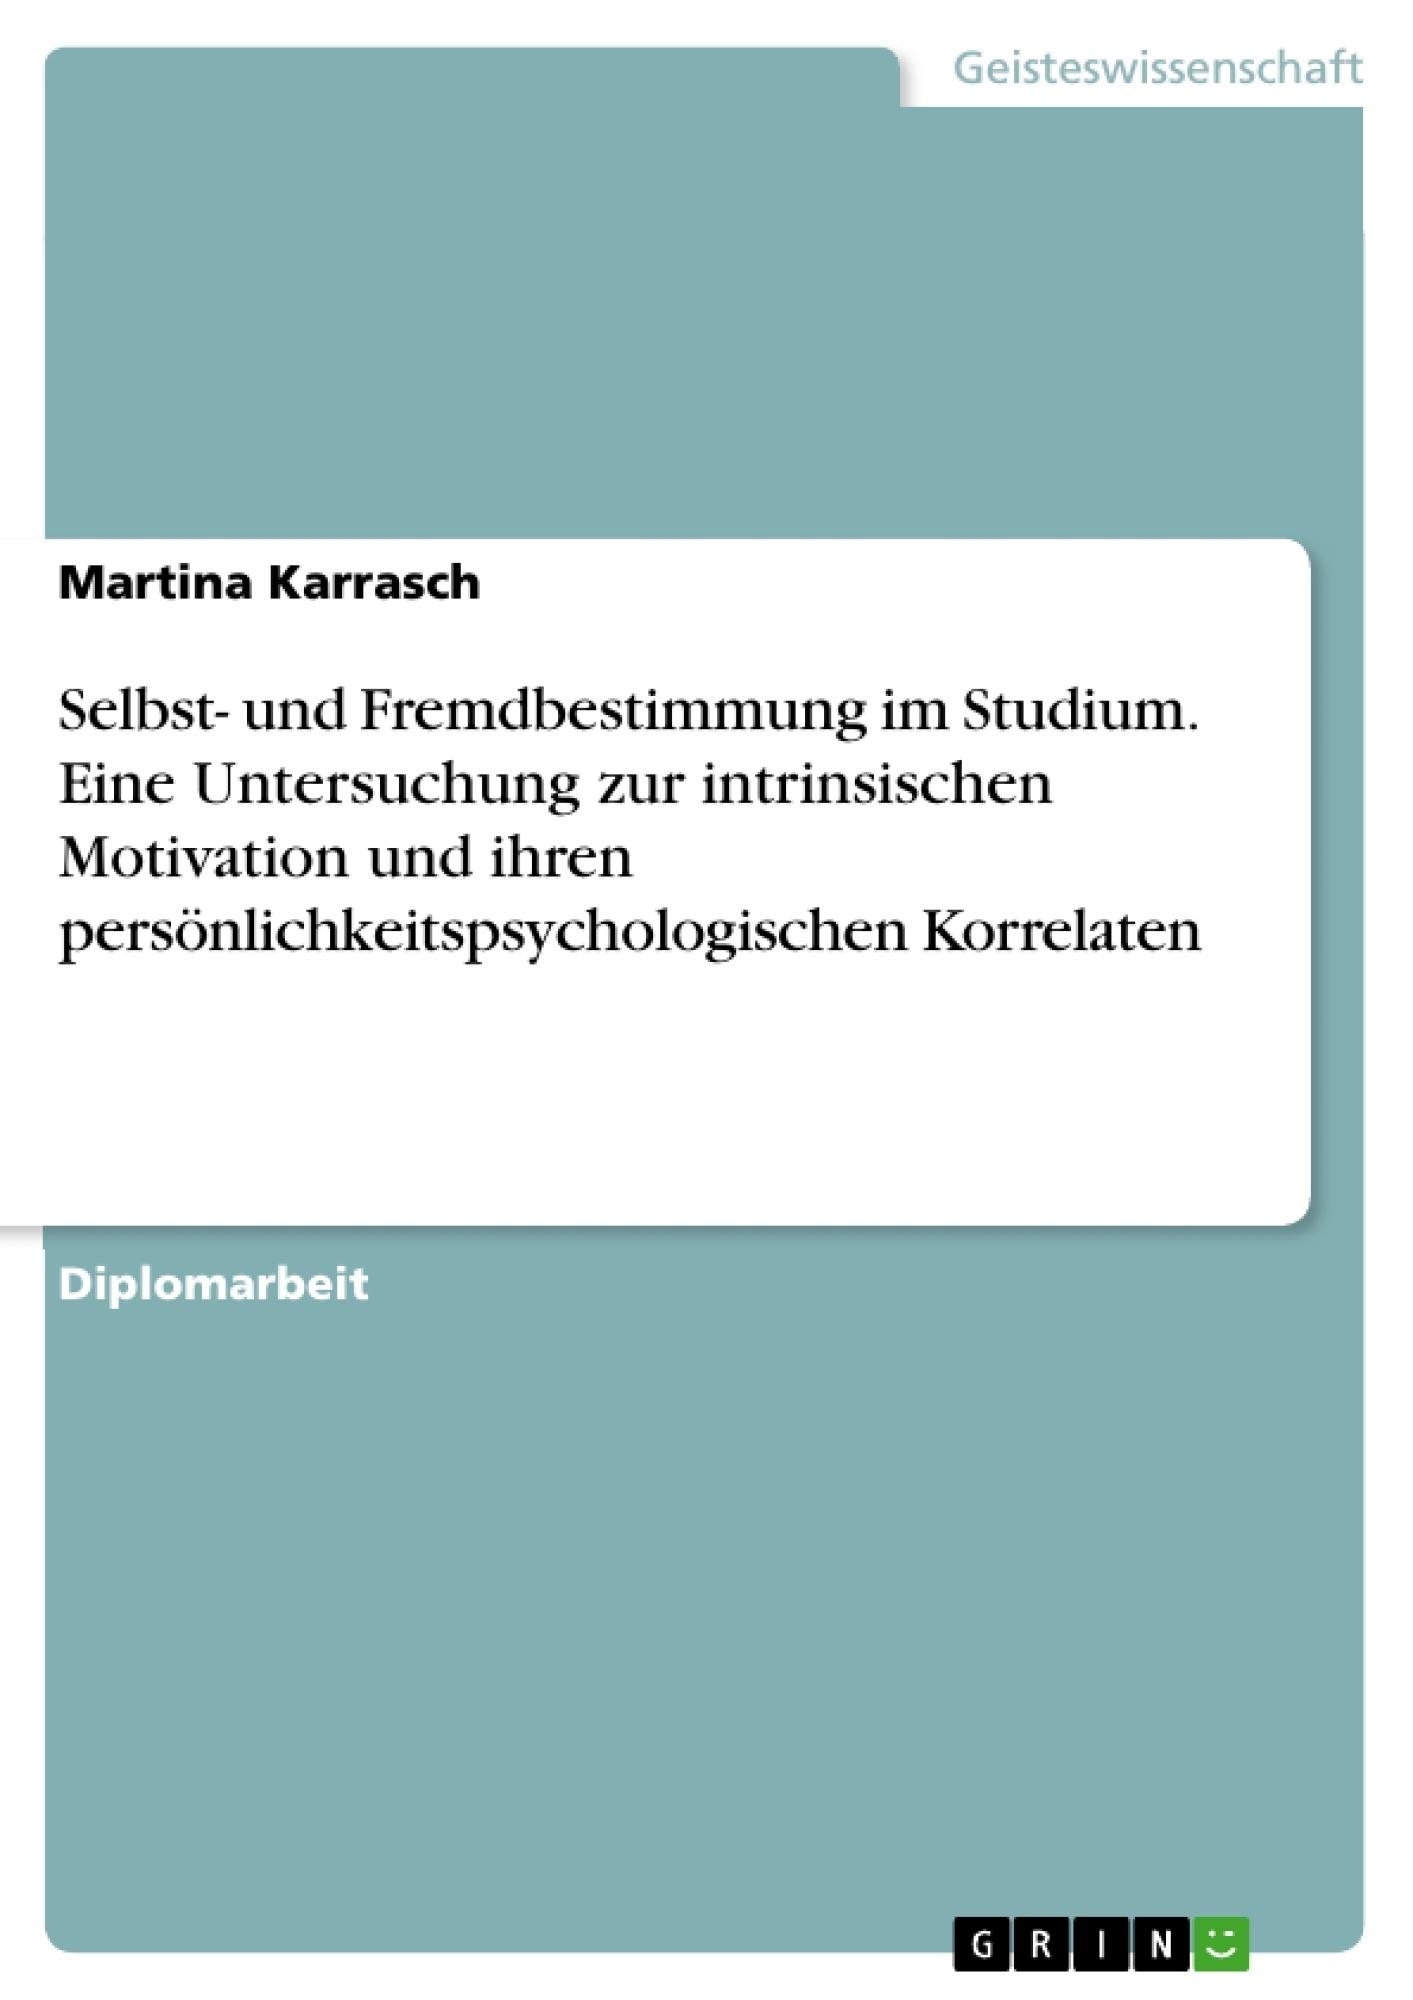 Titel: Selbst- und Fremdbestimmung im Studium. Eine Untersuchung zur intrinsischen Motivation und ihren persönlichkeitspsychologischen Korrelaten